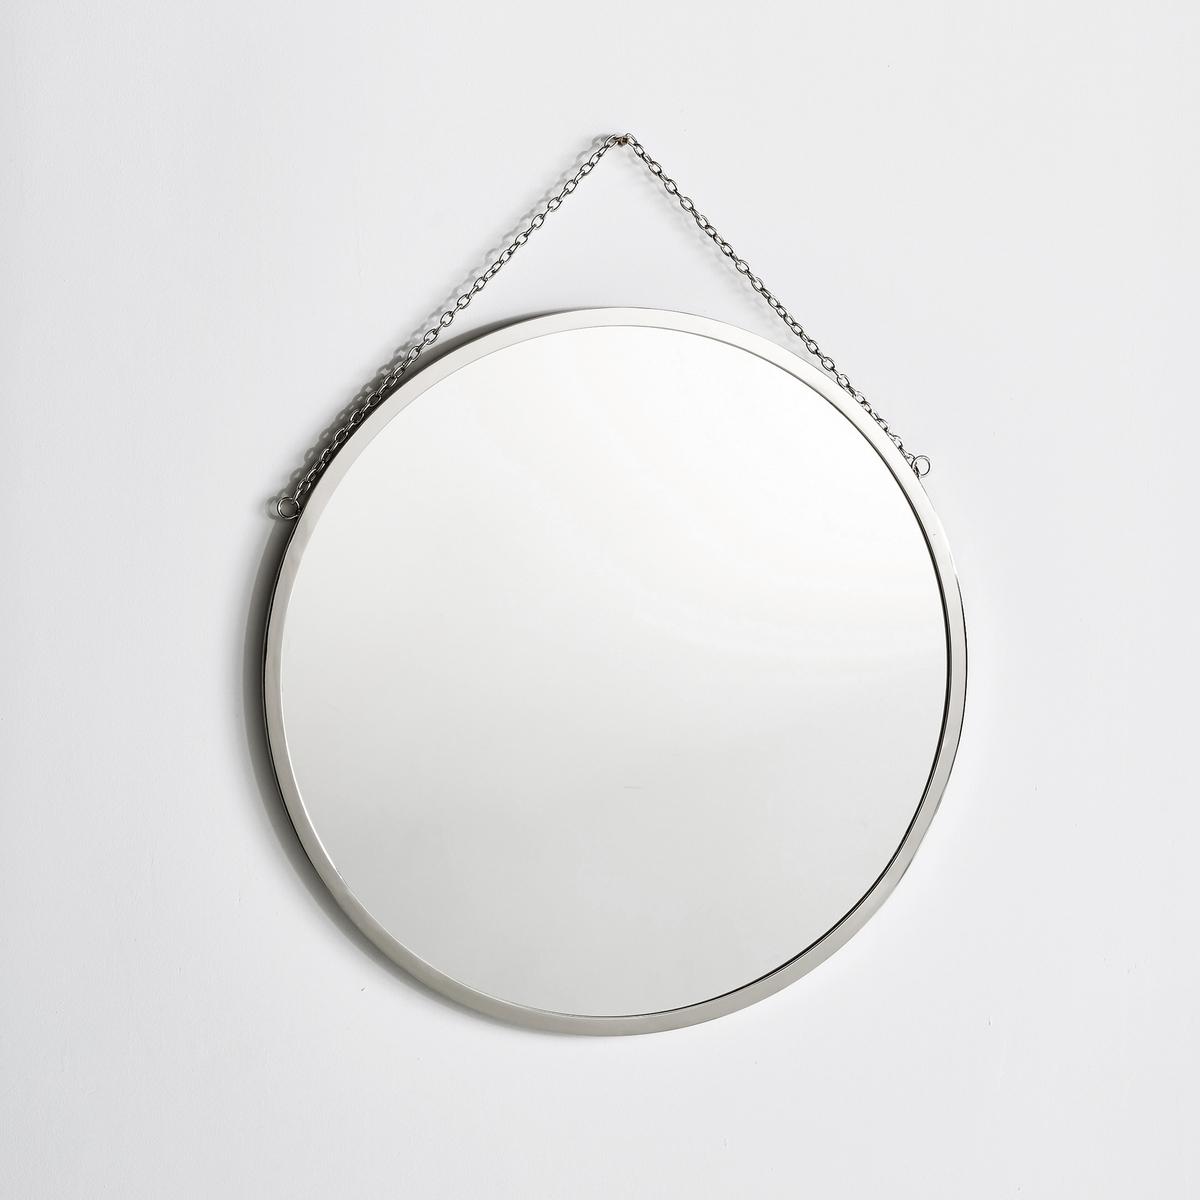 Зеркало La Redoute Круглое 60 см единый размер другие зеркало la redoute прямоугольное большой размер д x в см barbier единый размер другие